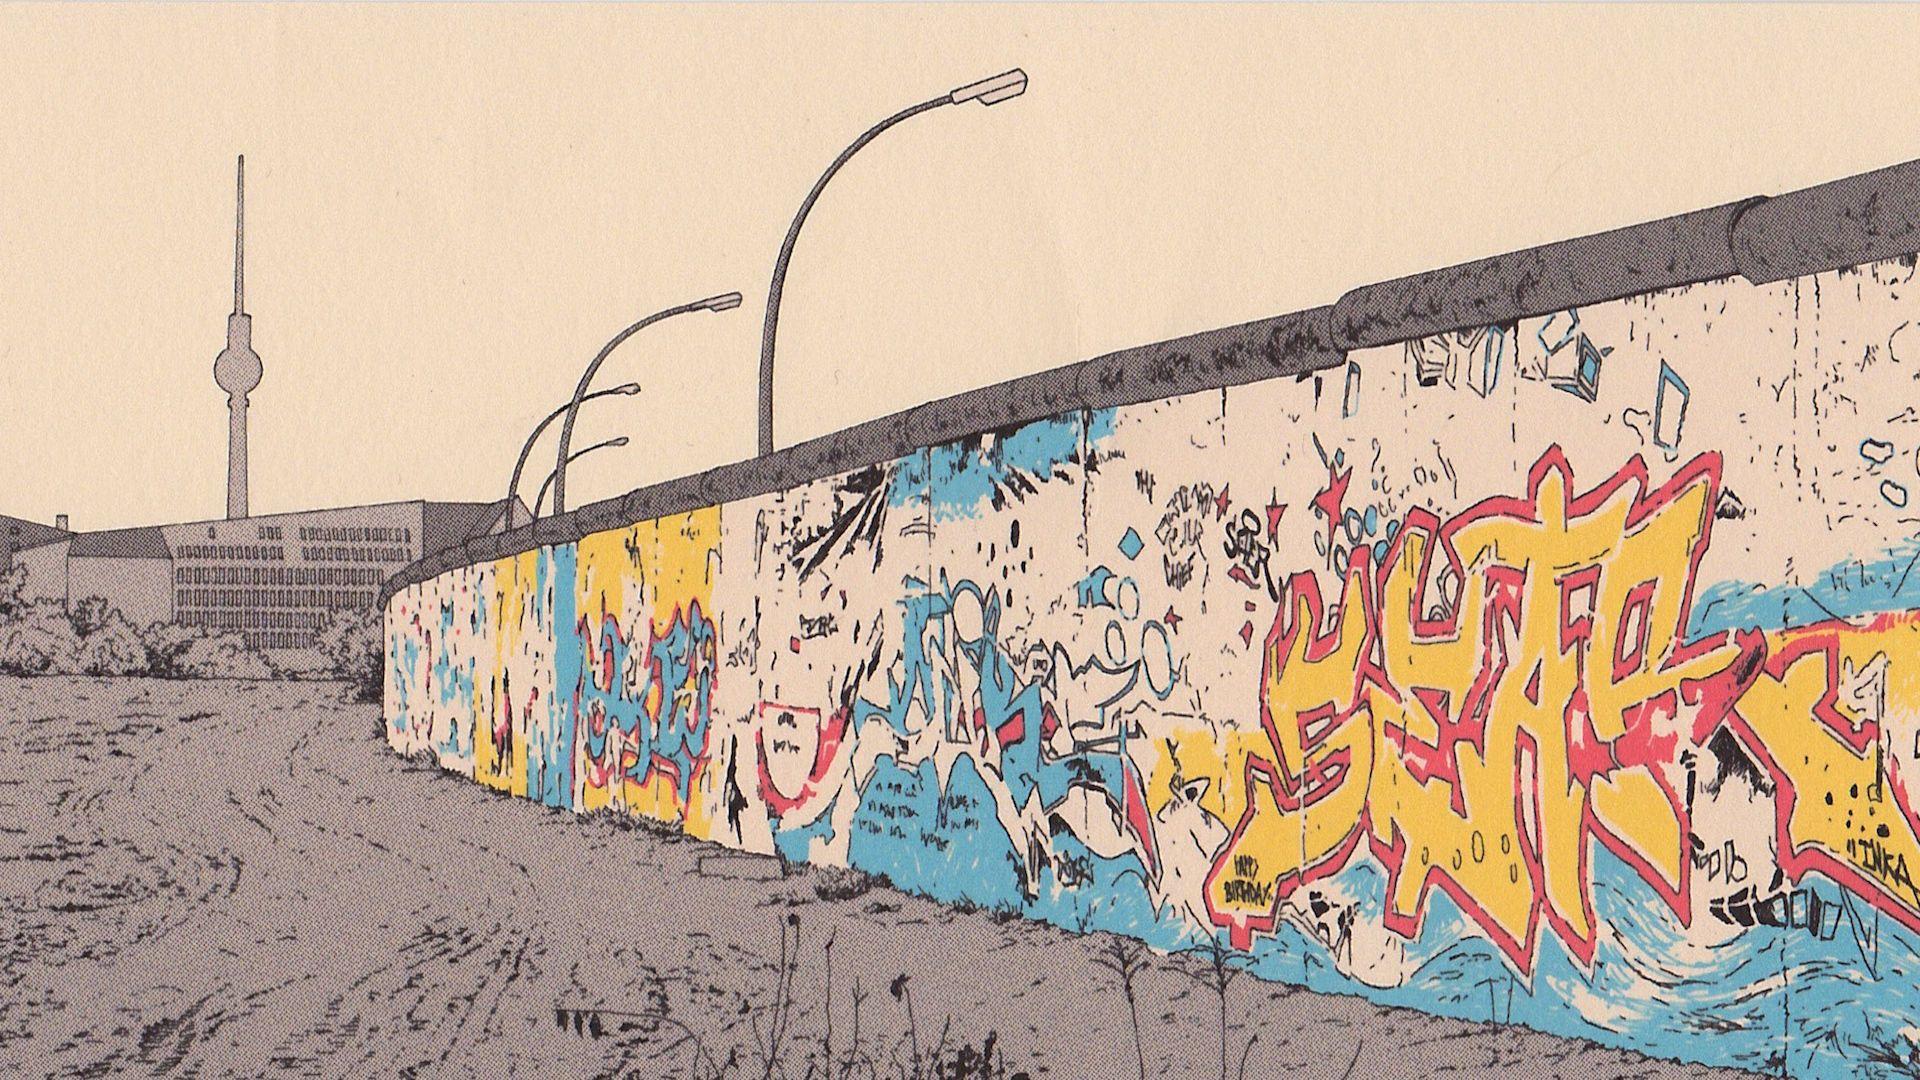 Berlin-1920x1080-wallpaper-wpc5802719